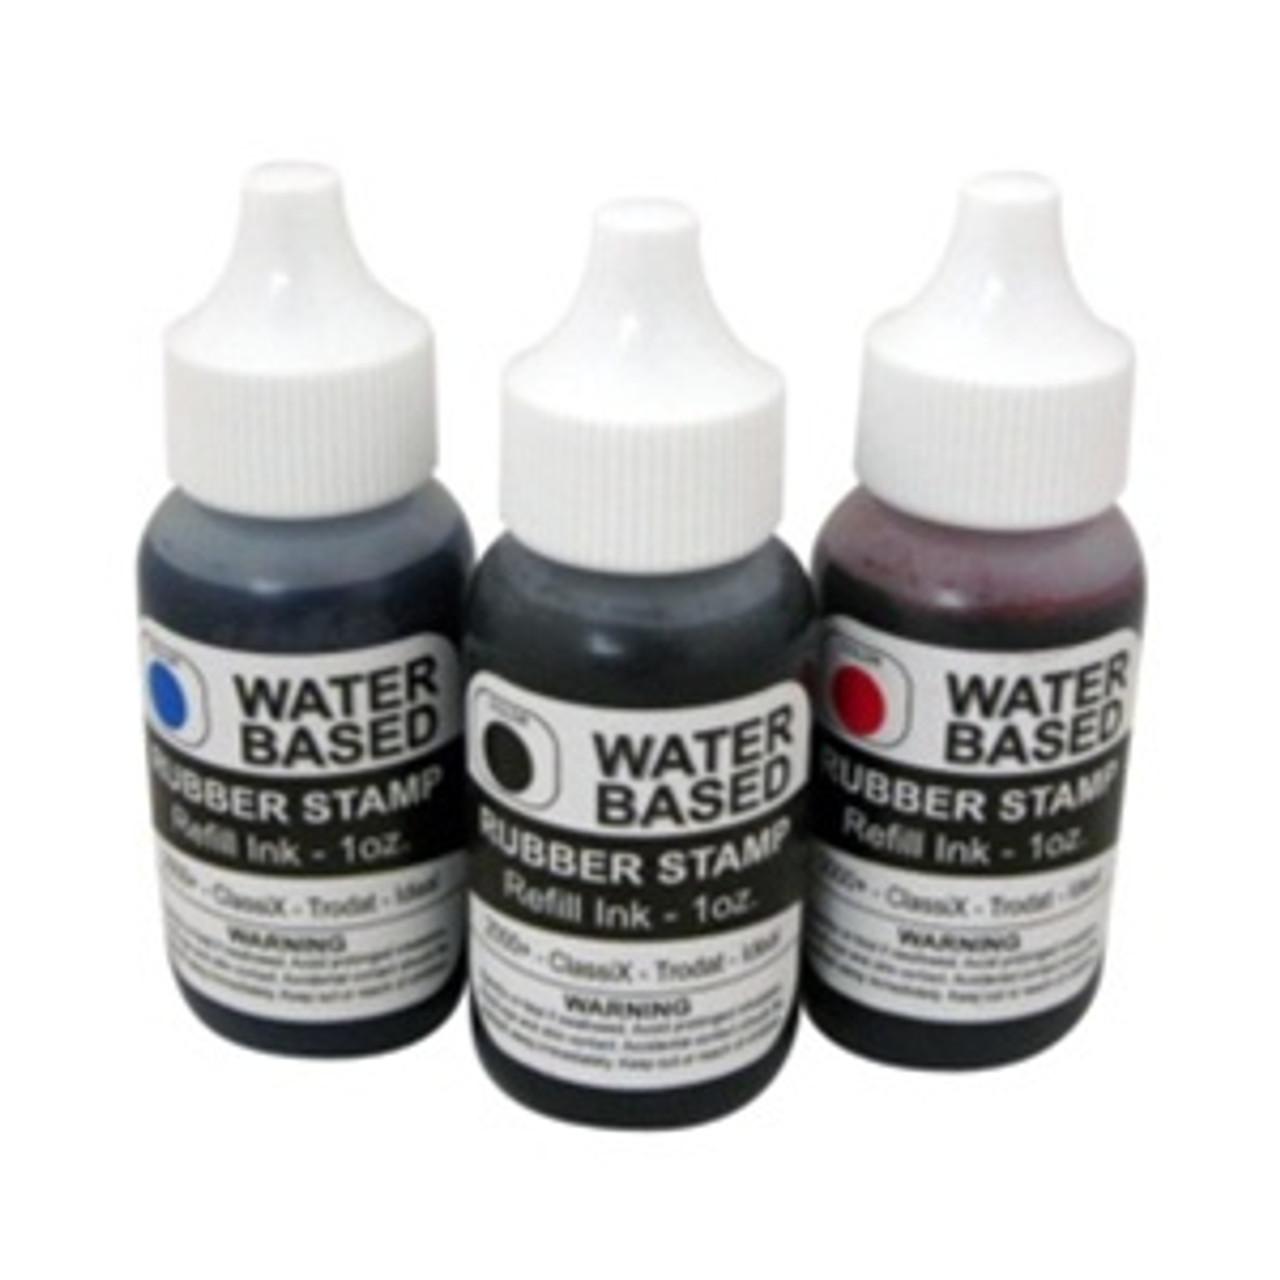 1oz. Ink Refill Bottle